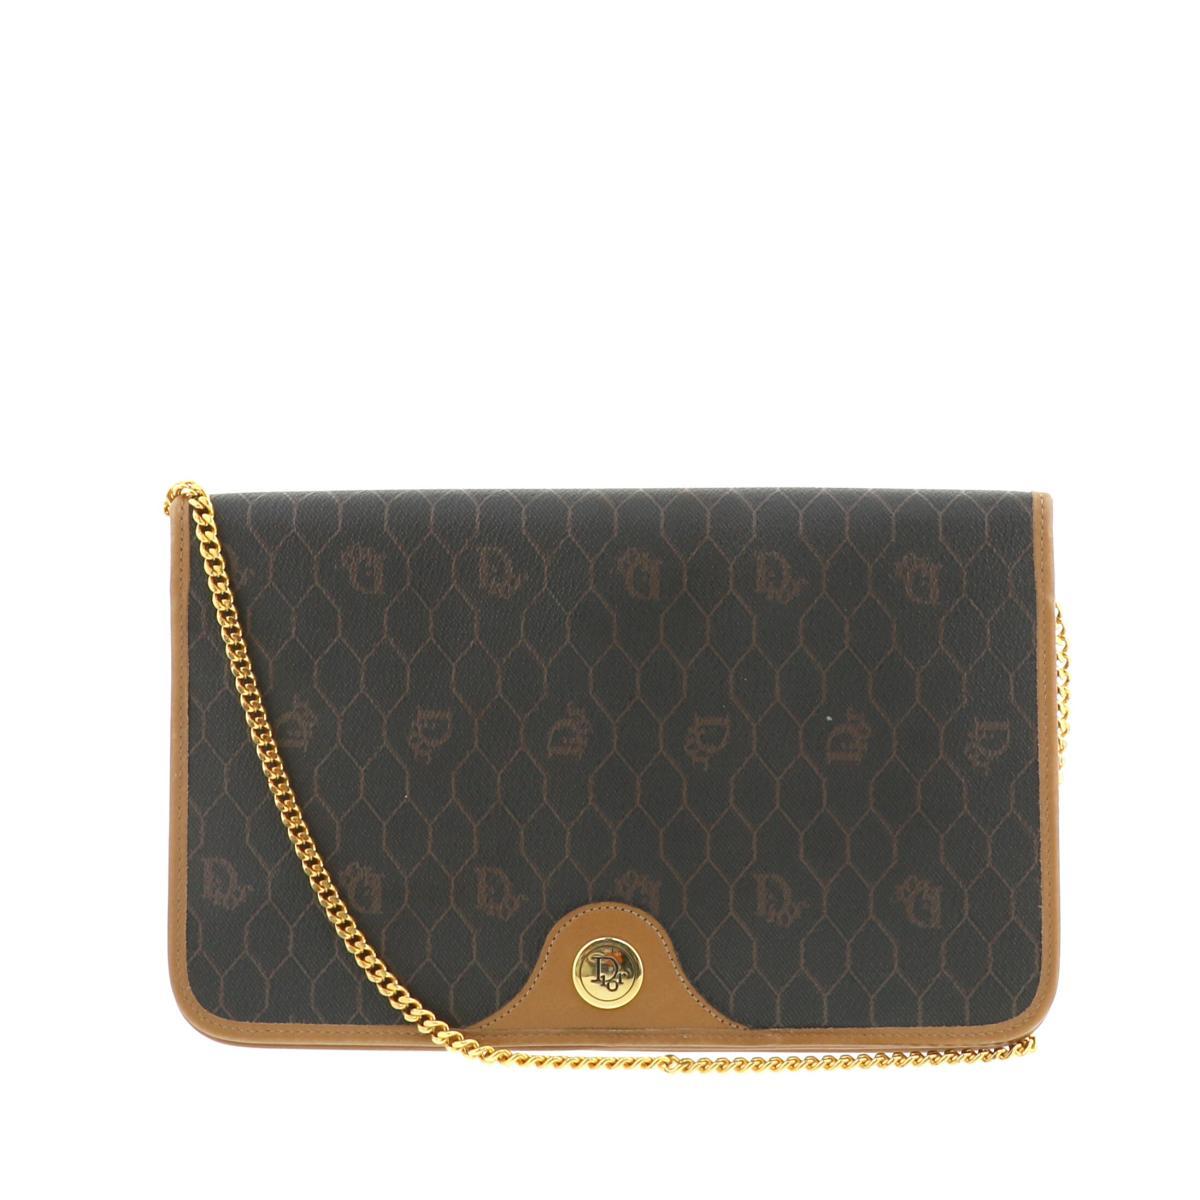 レディースバッグ, ショルダーバッグ・メッセンジャーバッグ  Christian Dior CD Vintage Shoulder Bag Brown USED: A